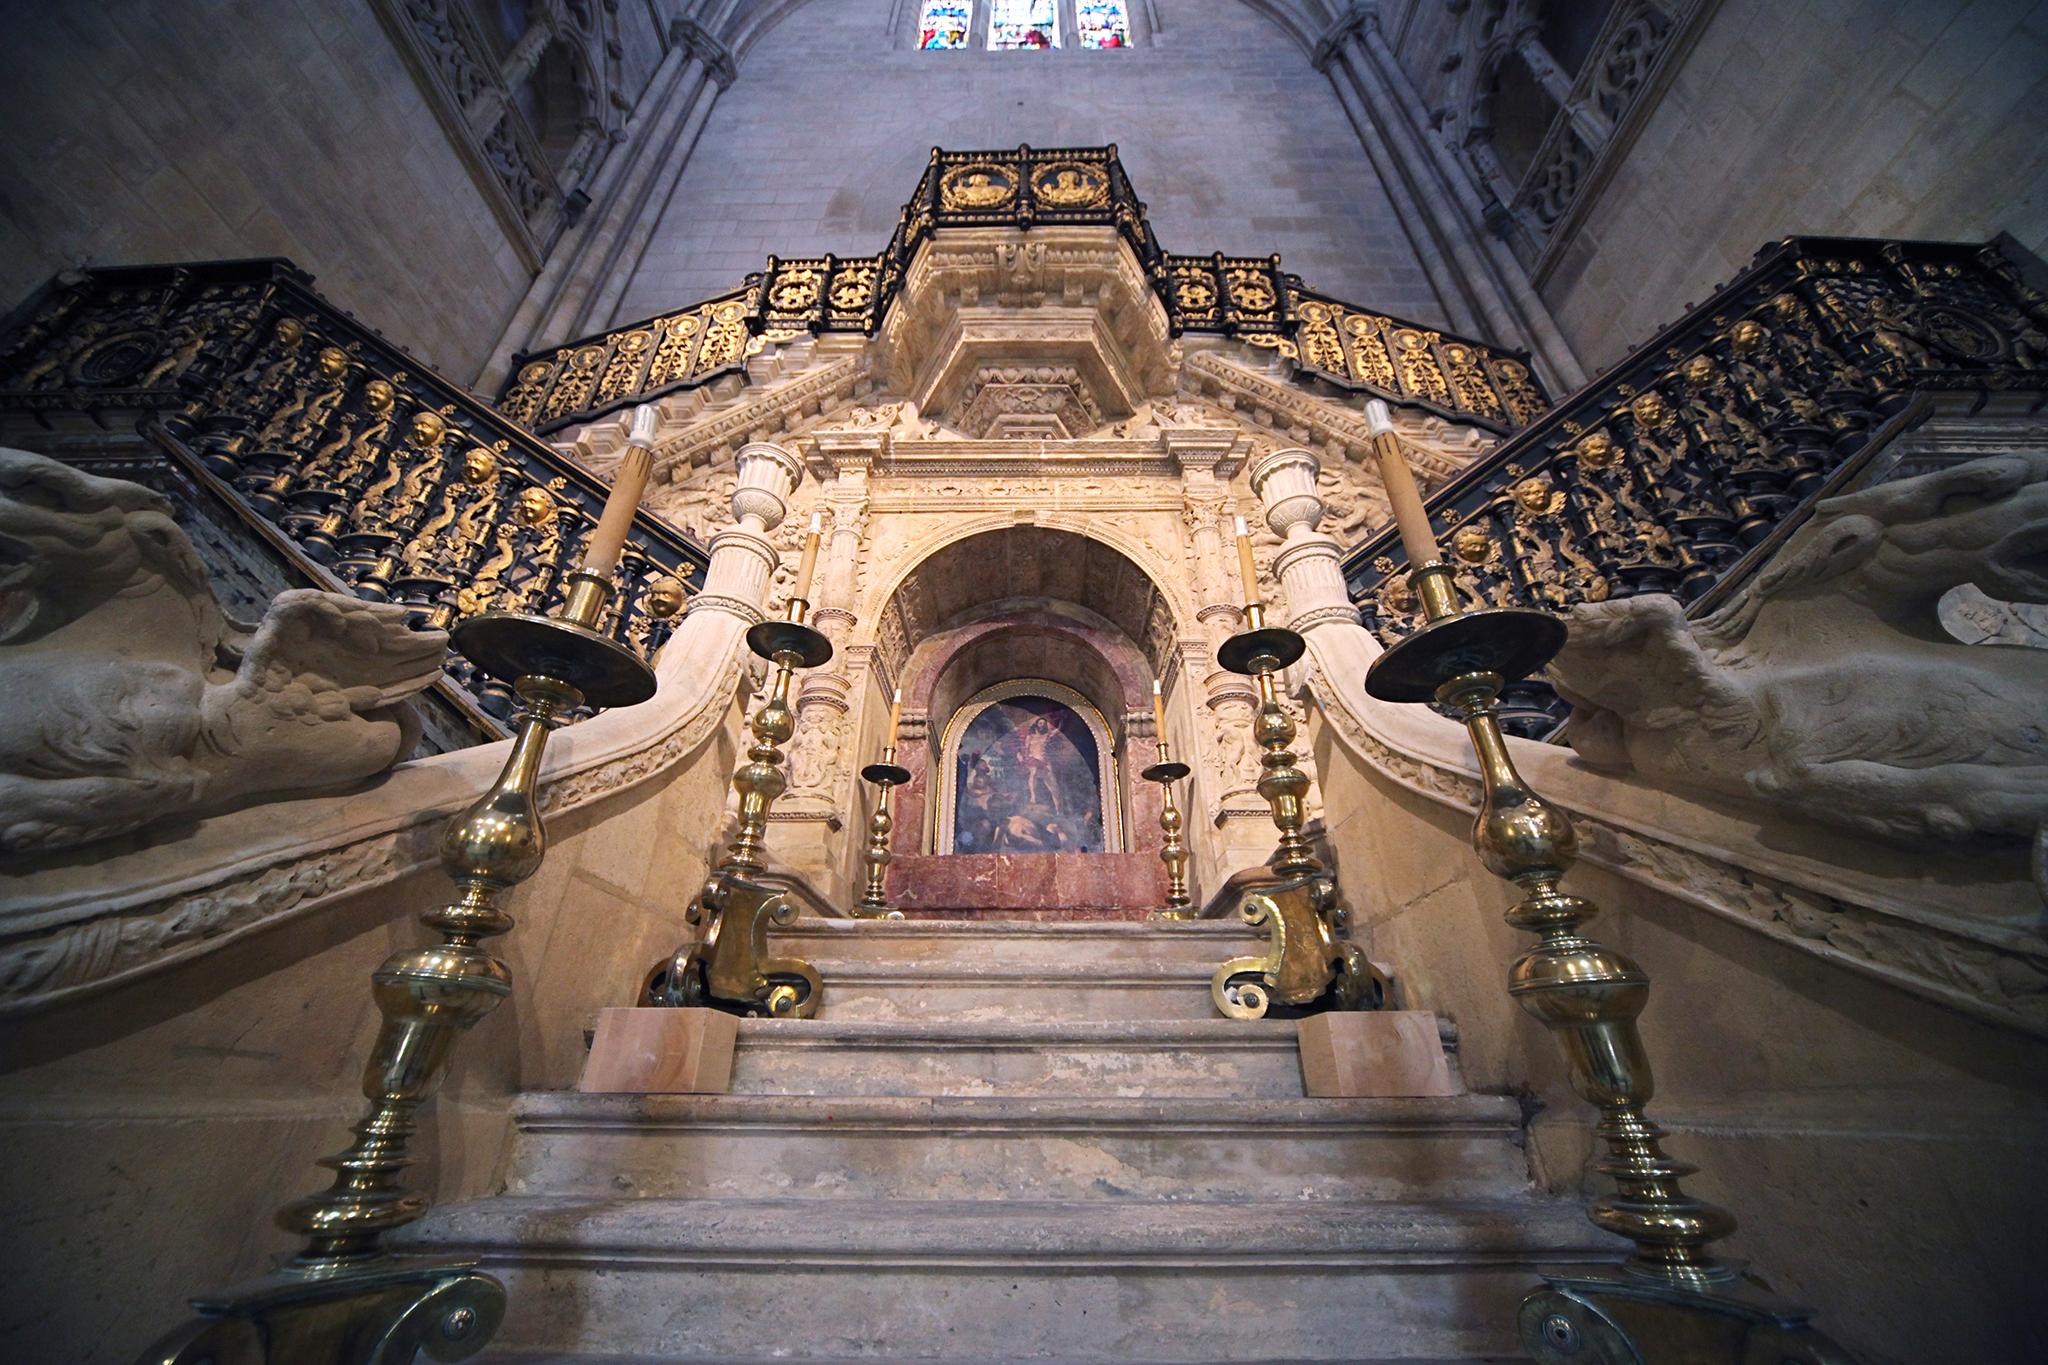 Catedral de Burgos - Escalera Dorada